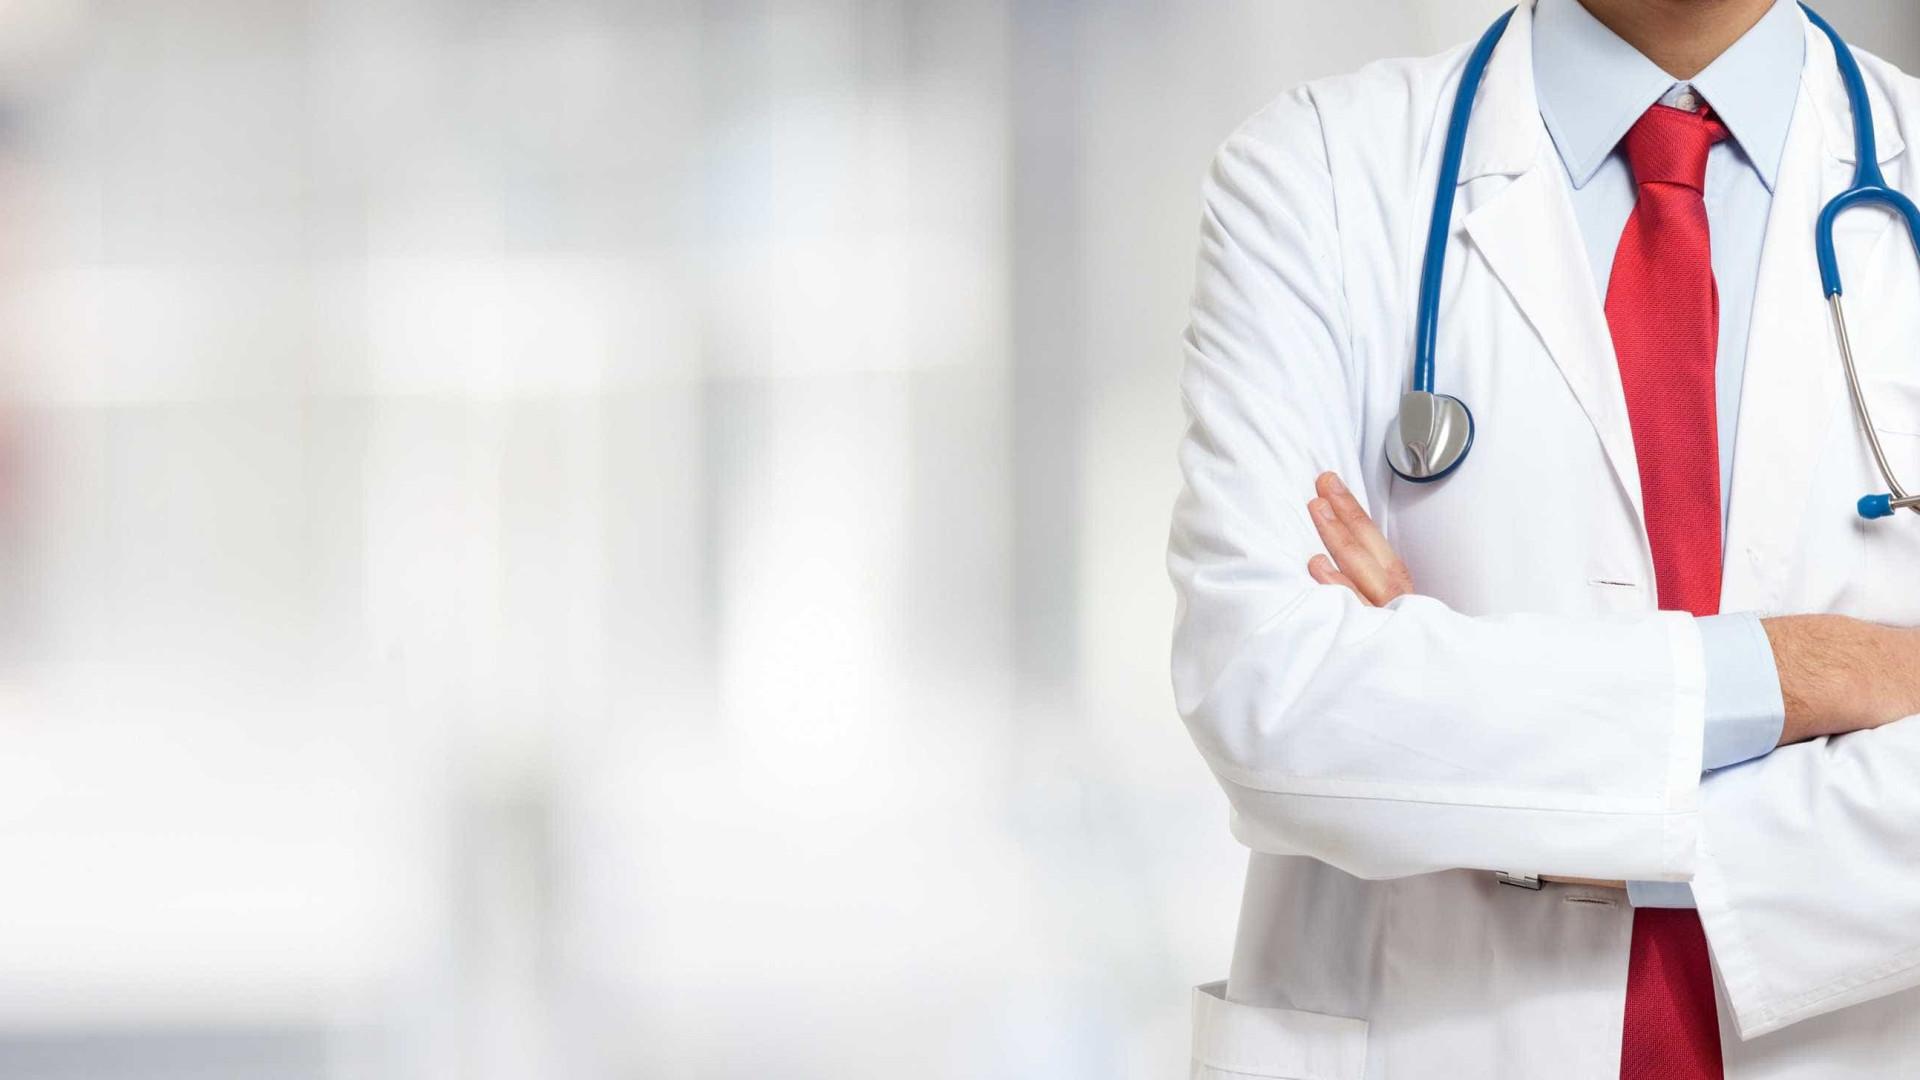 Madeira diz que ADSE deve 2,8 milgões ao Serviço Regional de Saúde